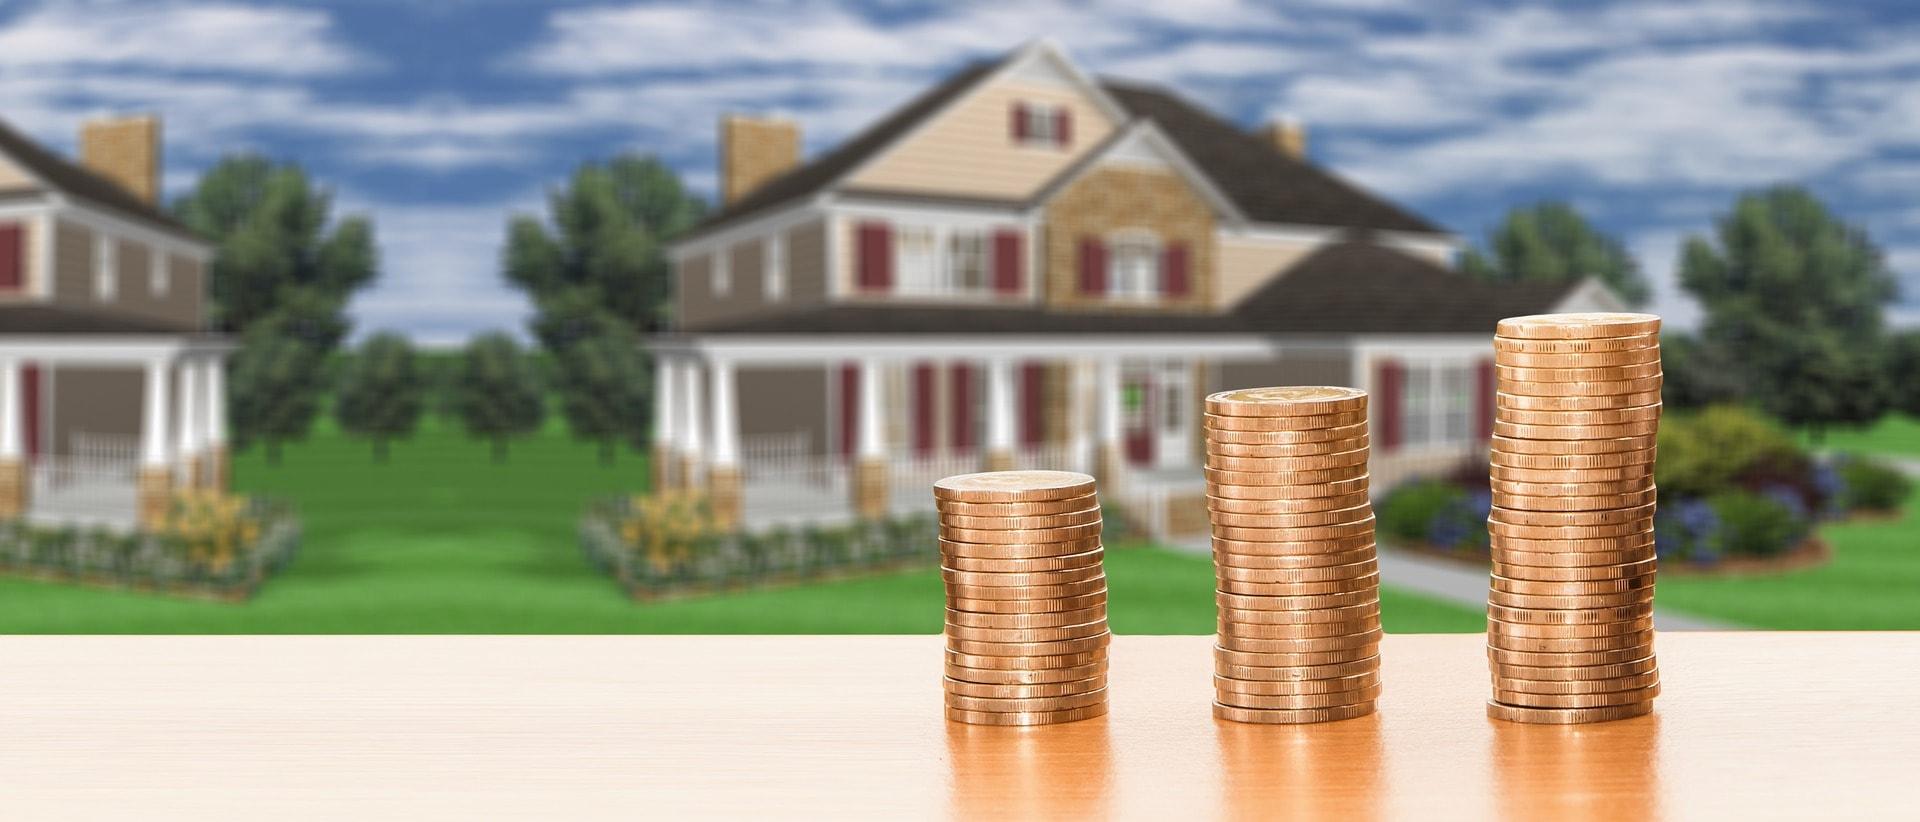 Дом, золотые монеты - налоги на недвижимость в украине покупка, продажа